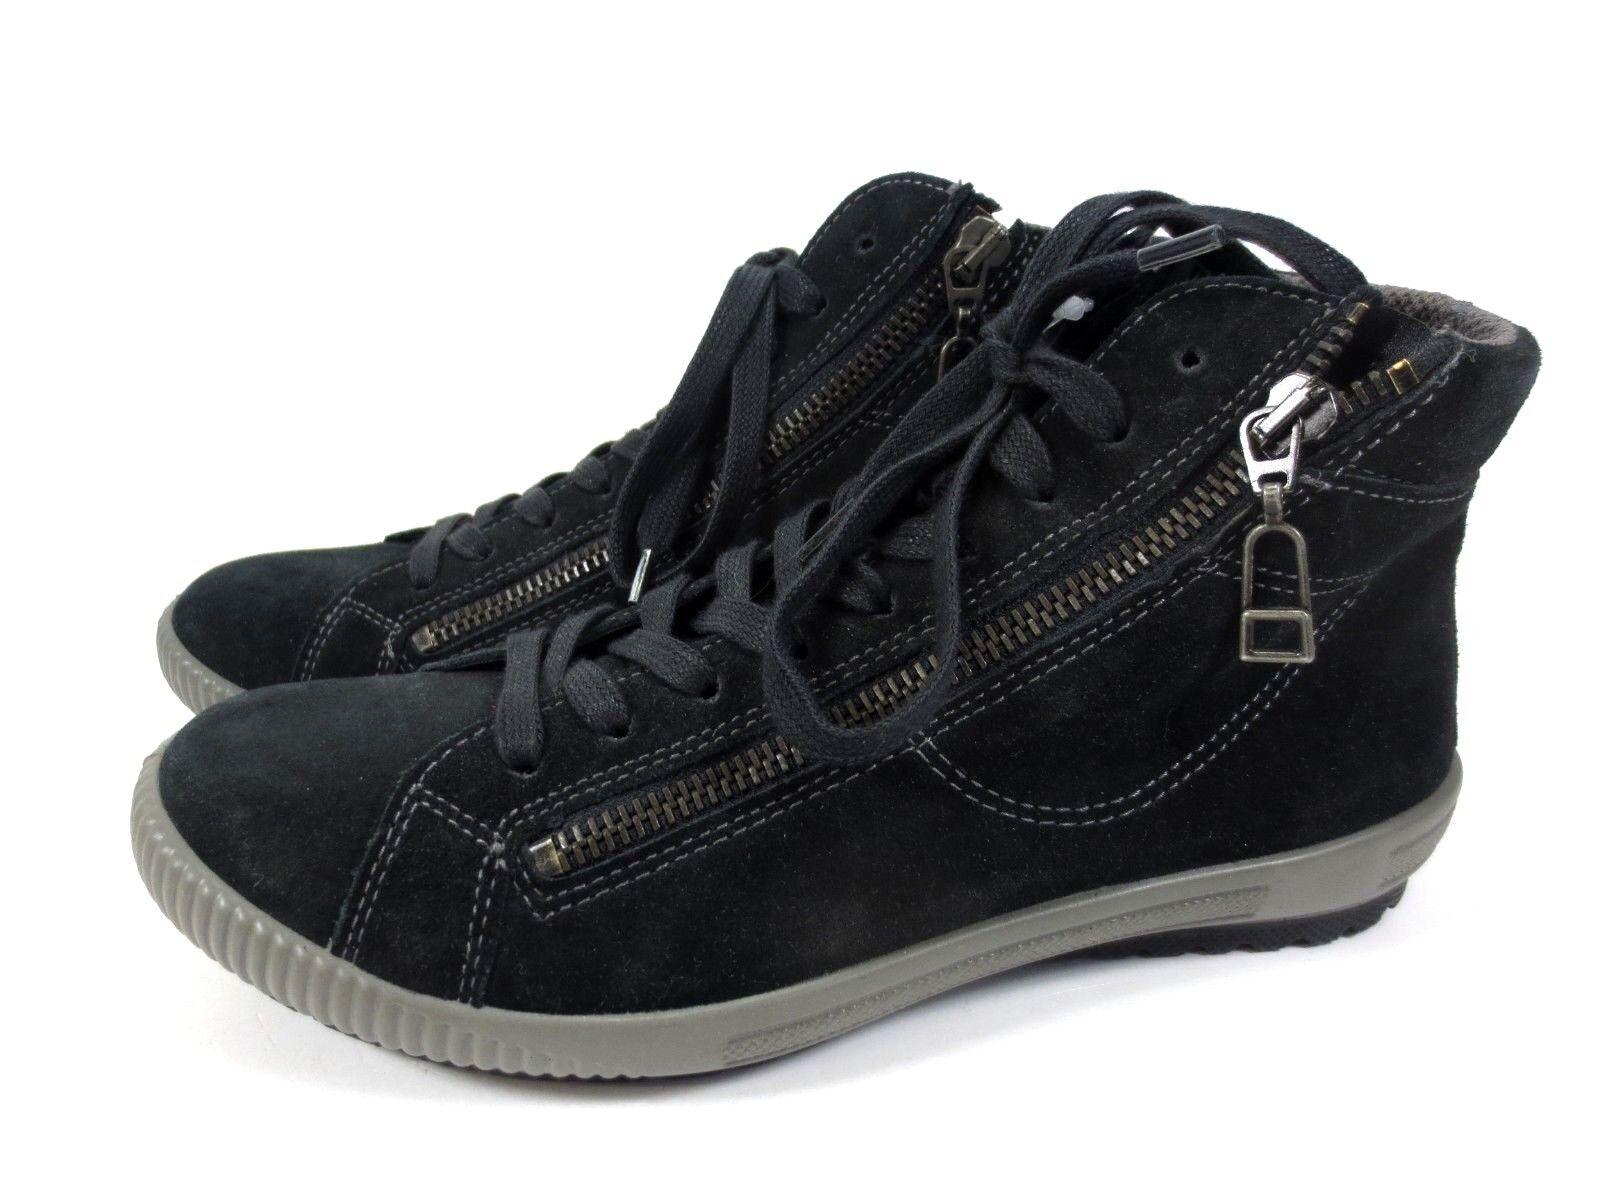 Legero piel cómodas Zapatos abotinados zapatillas zapatos de piel Legero talla 37 UK 4 nuevo 63ef82